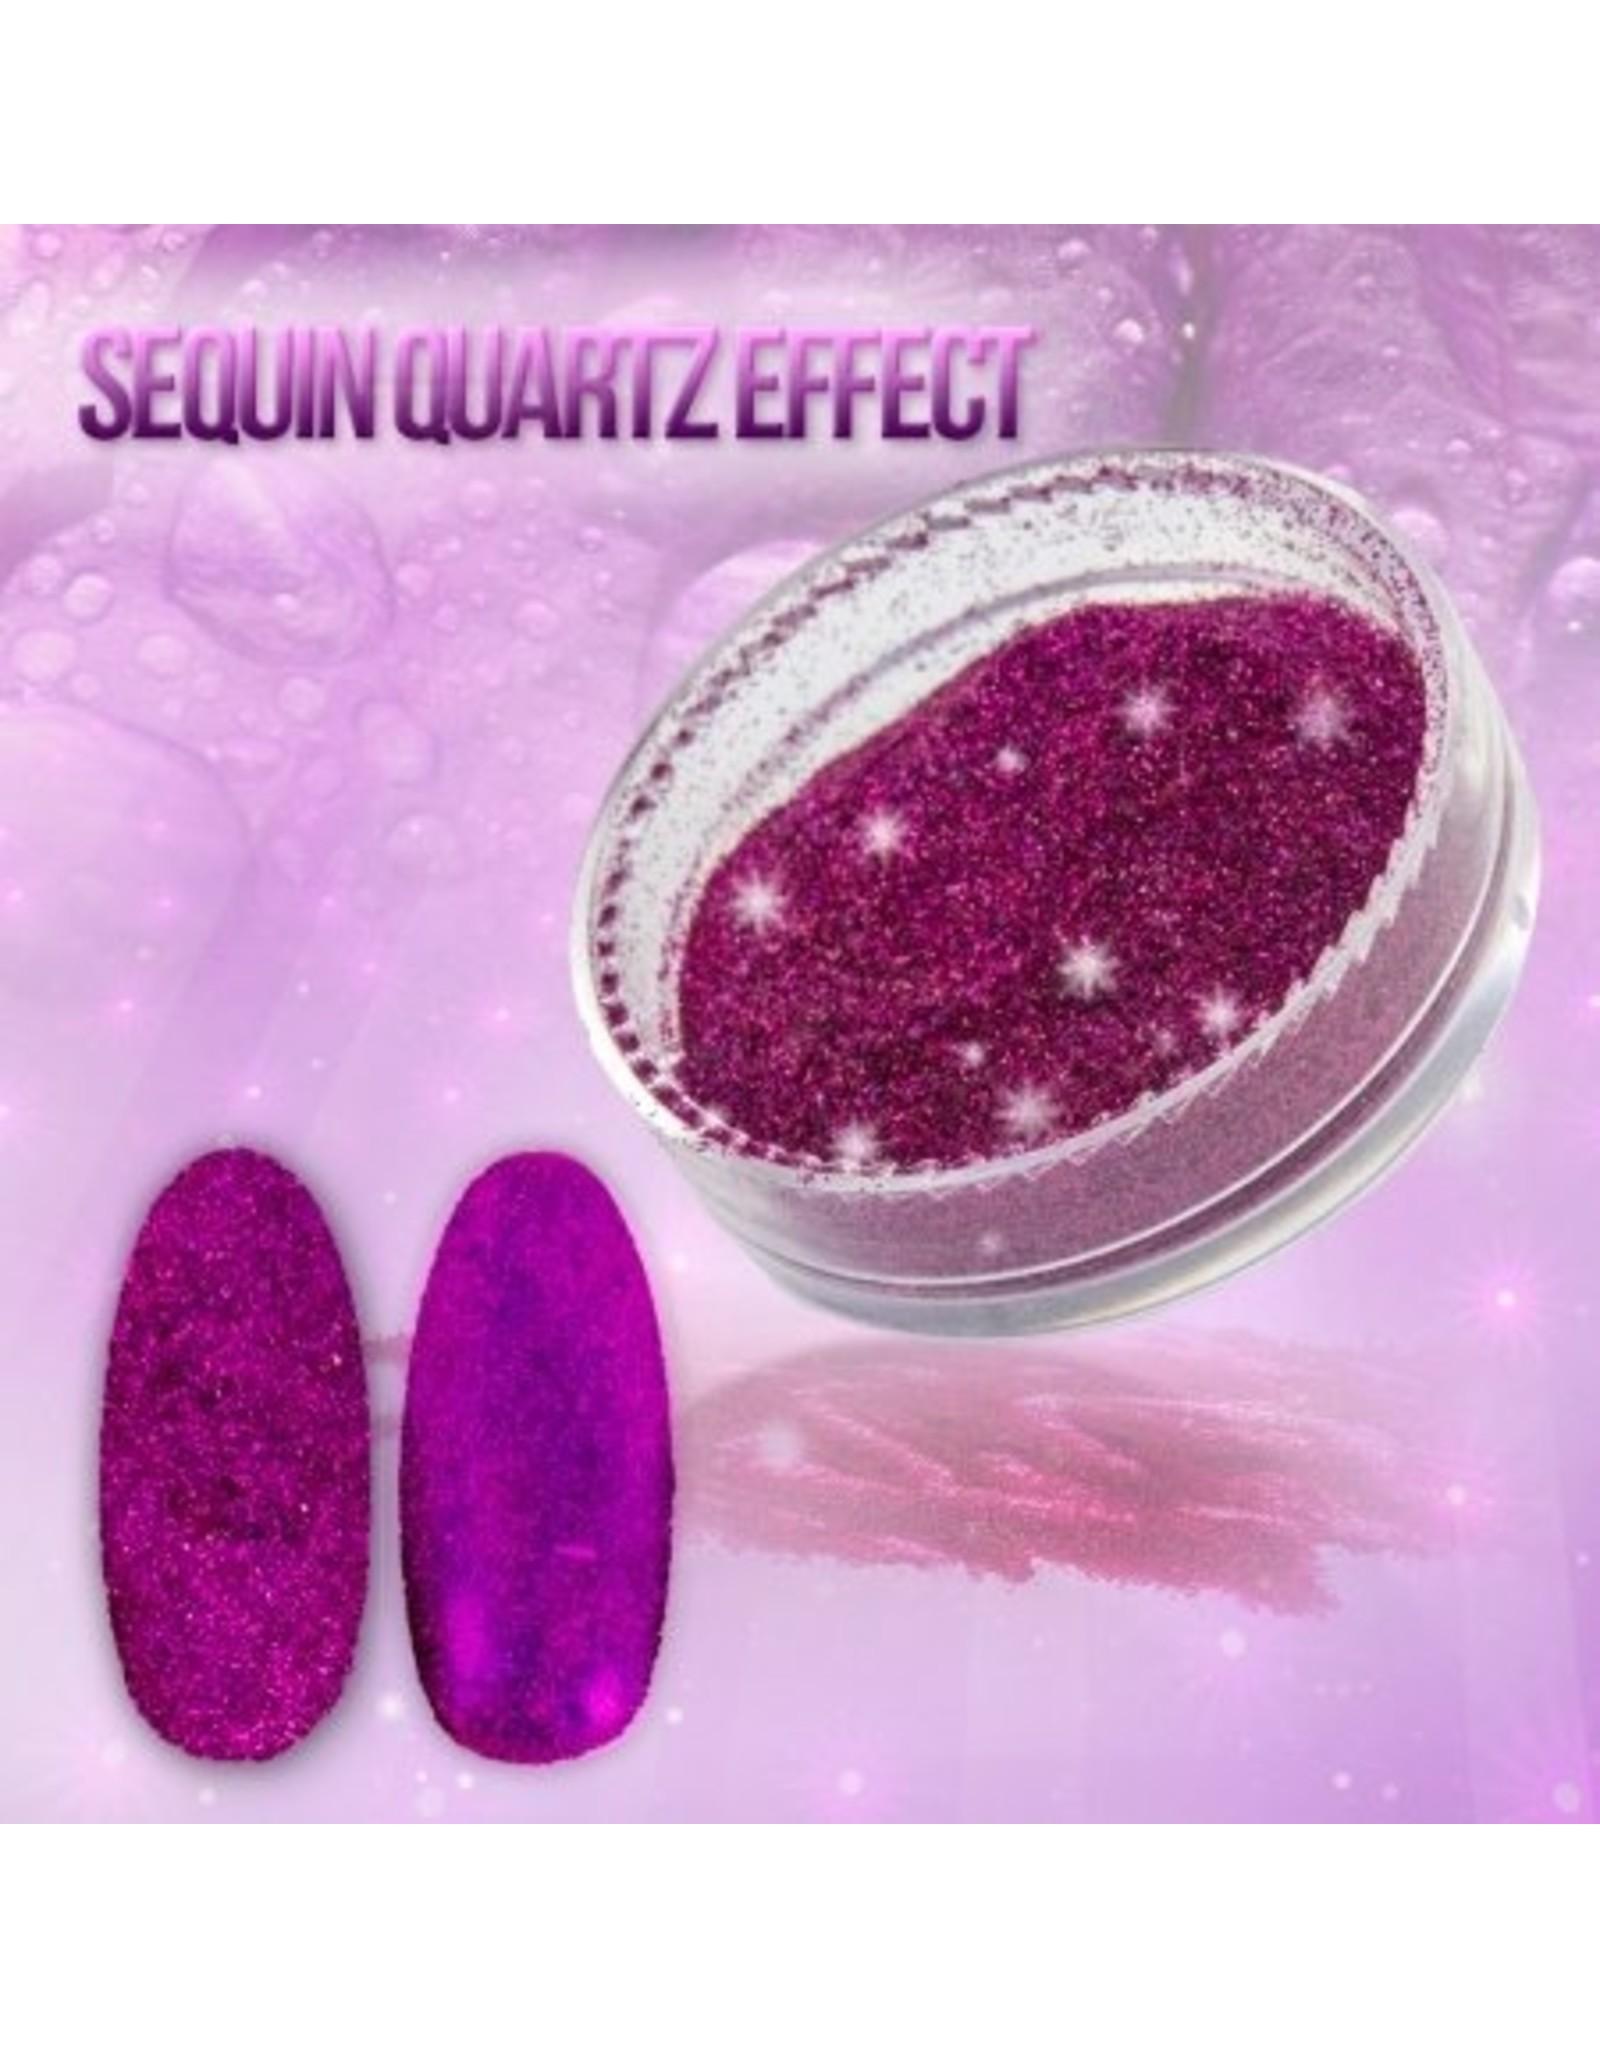 Merkloos Seaquin Quarts effect -  Orchid